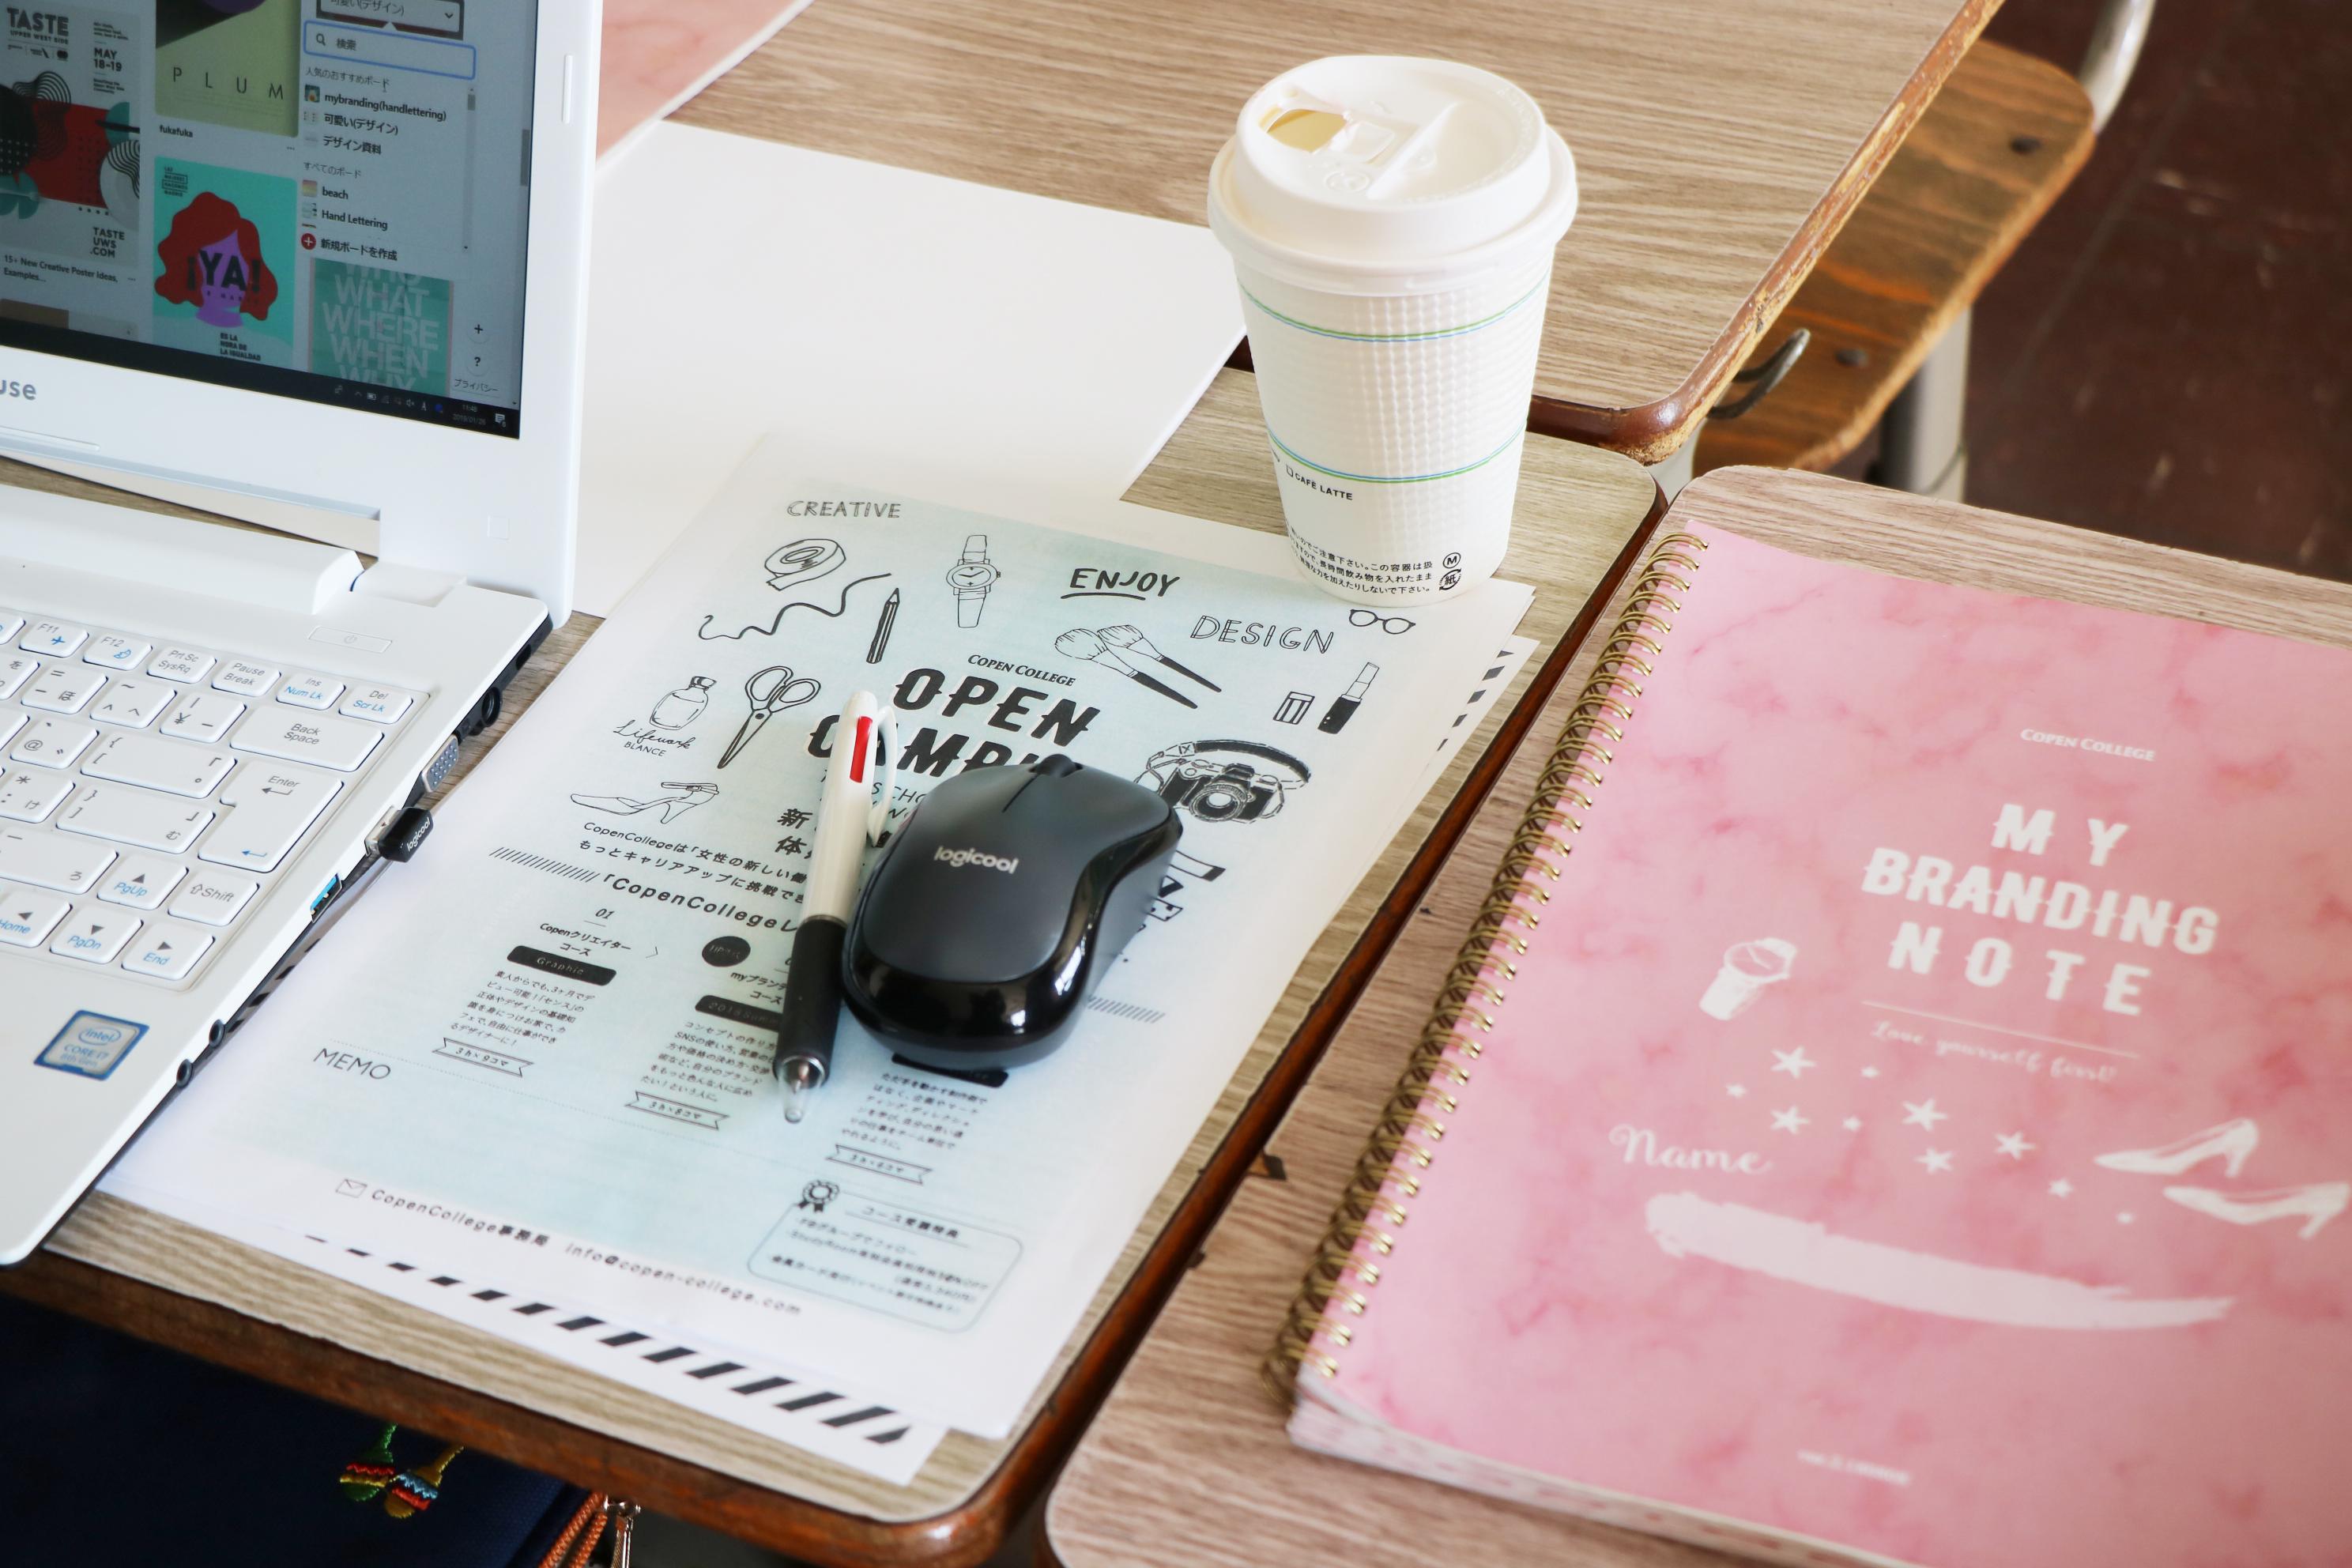 Illustratorやブランディングが体験できる♪ 参加無料のオープンキャンパス!